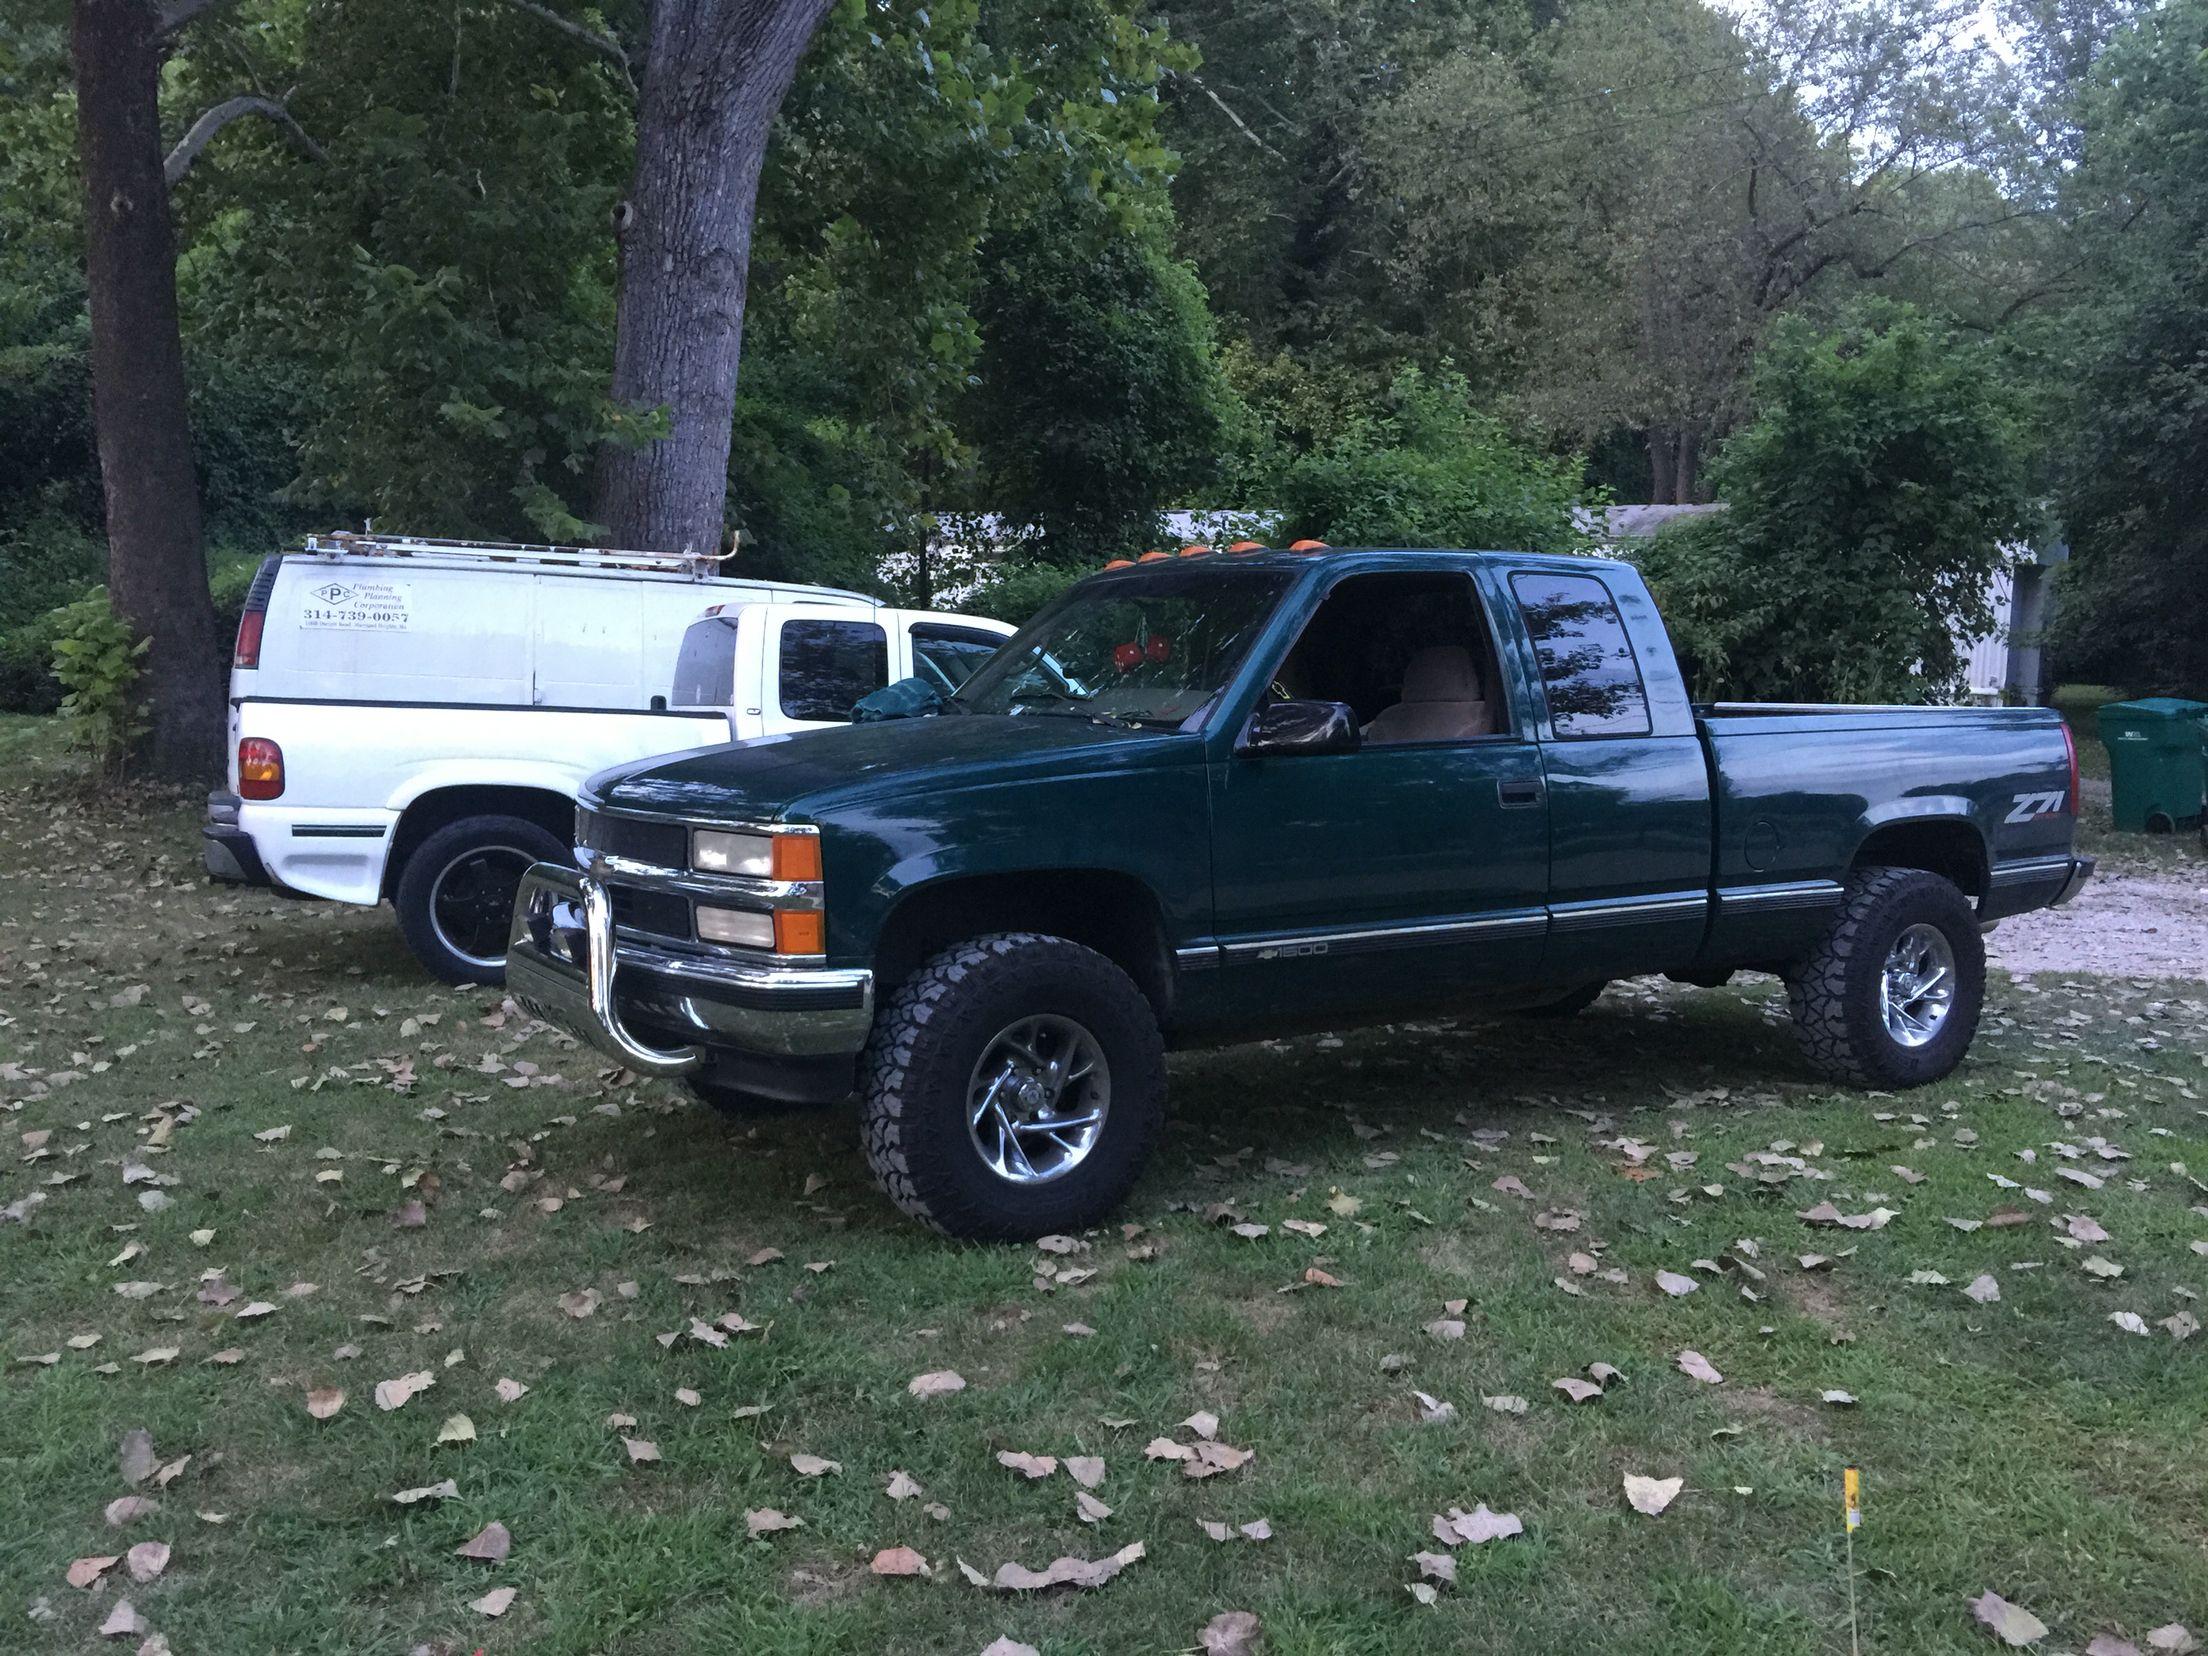 medium resolution of 1995 k1500 silverado 33s 3 inch lift lifted chevy trucks chevrolet trucks chevy silverado